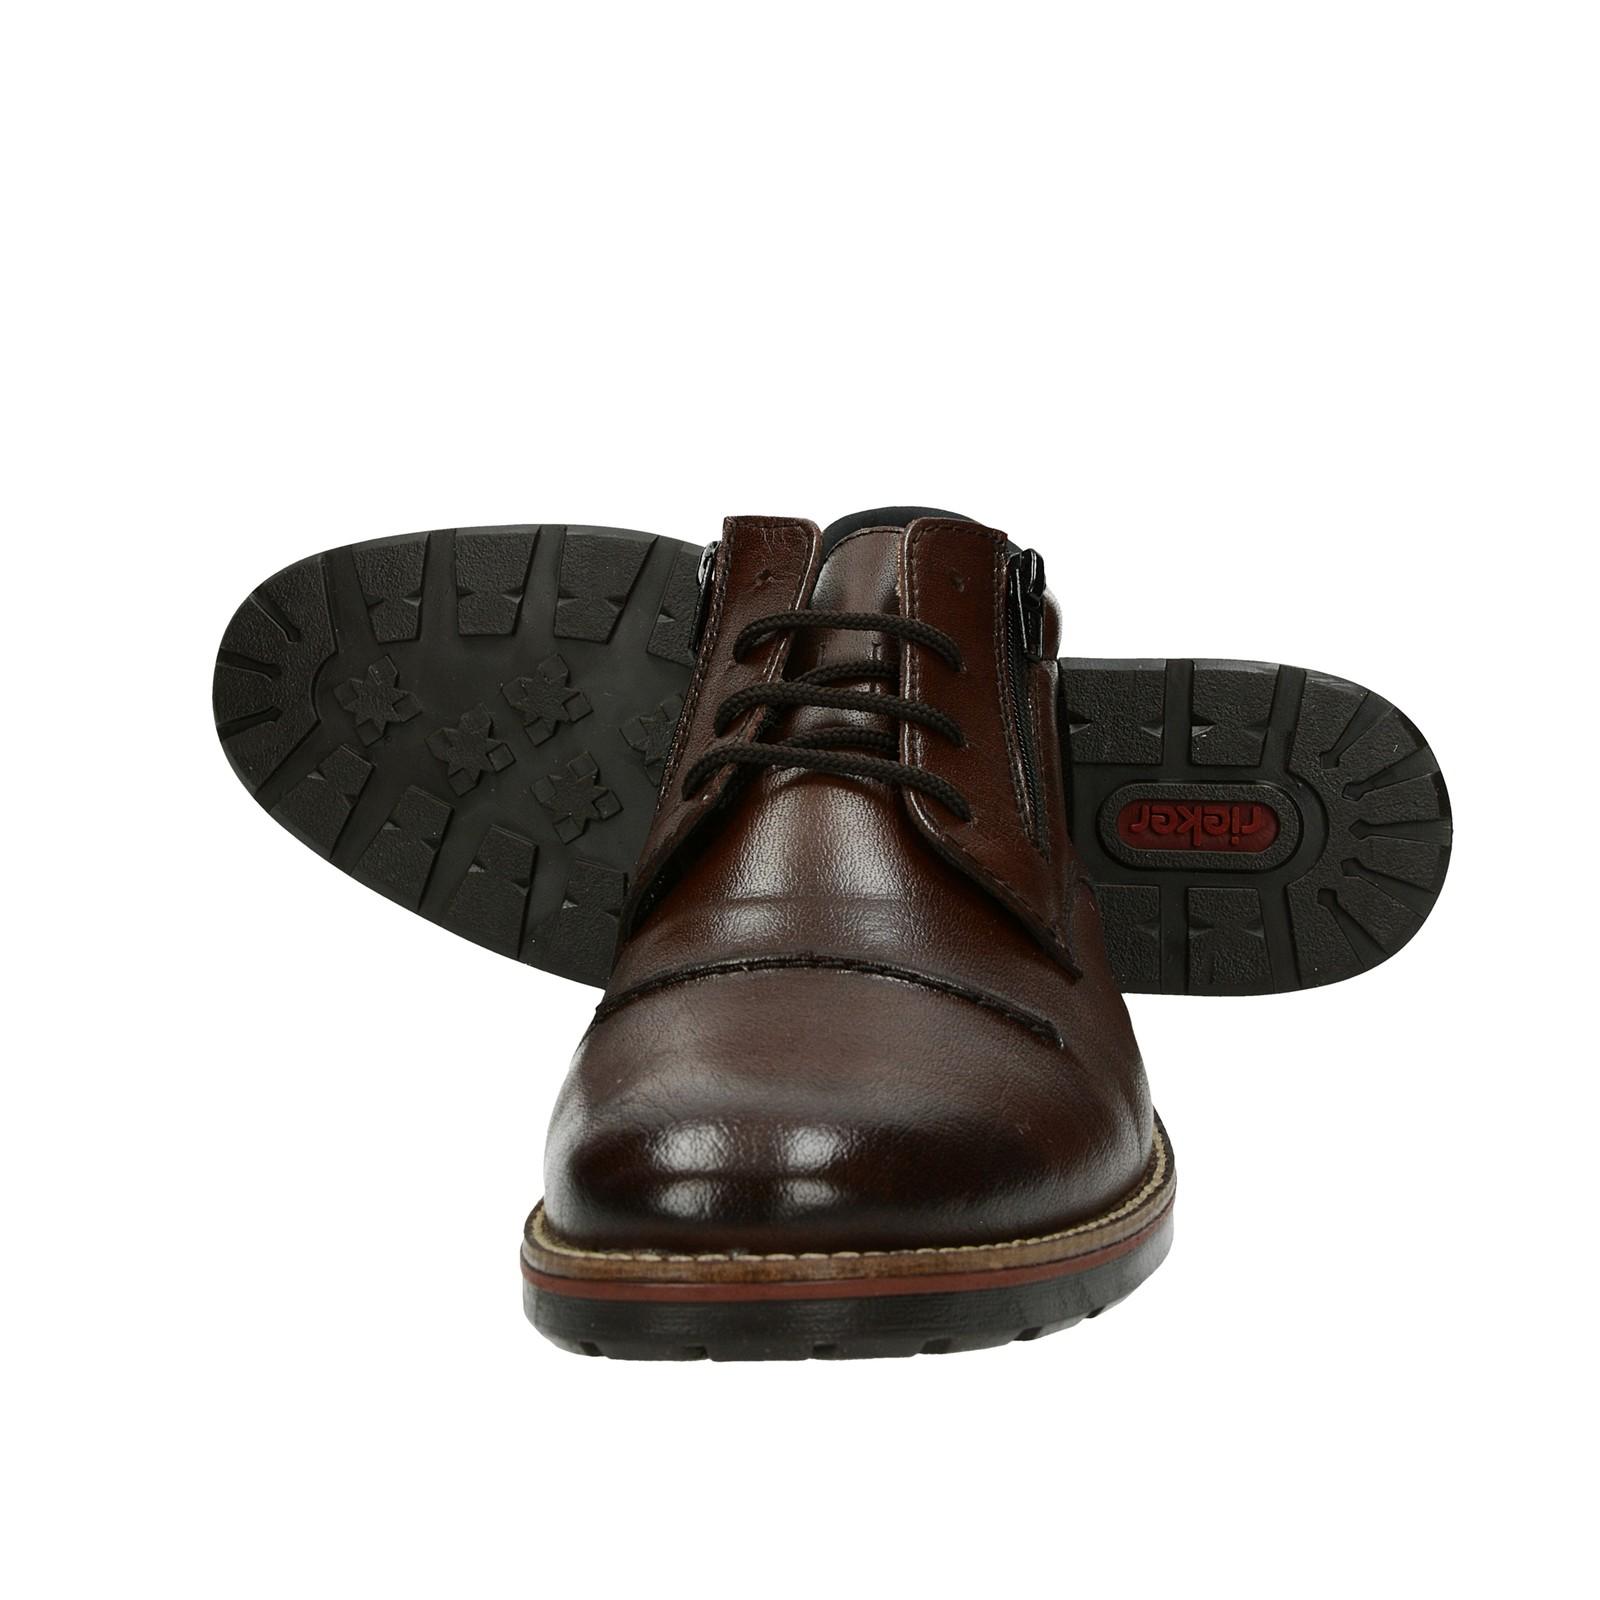 1d77fe00dcfe ... Rieker pánska kožená členková obuv - tmavohnedá ...